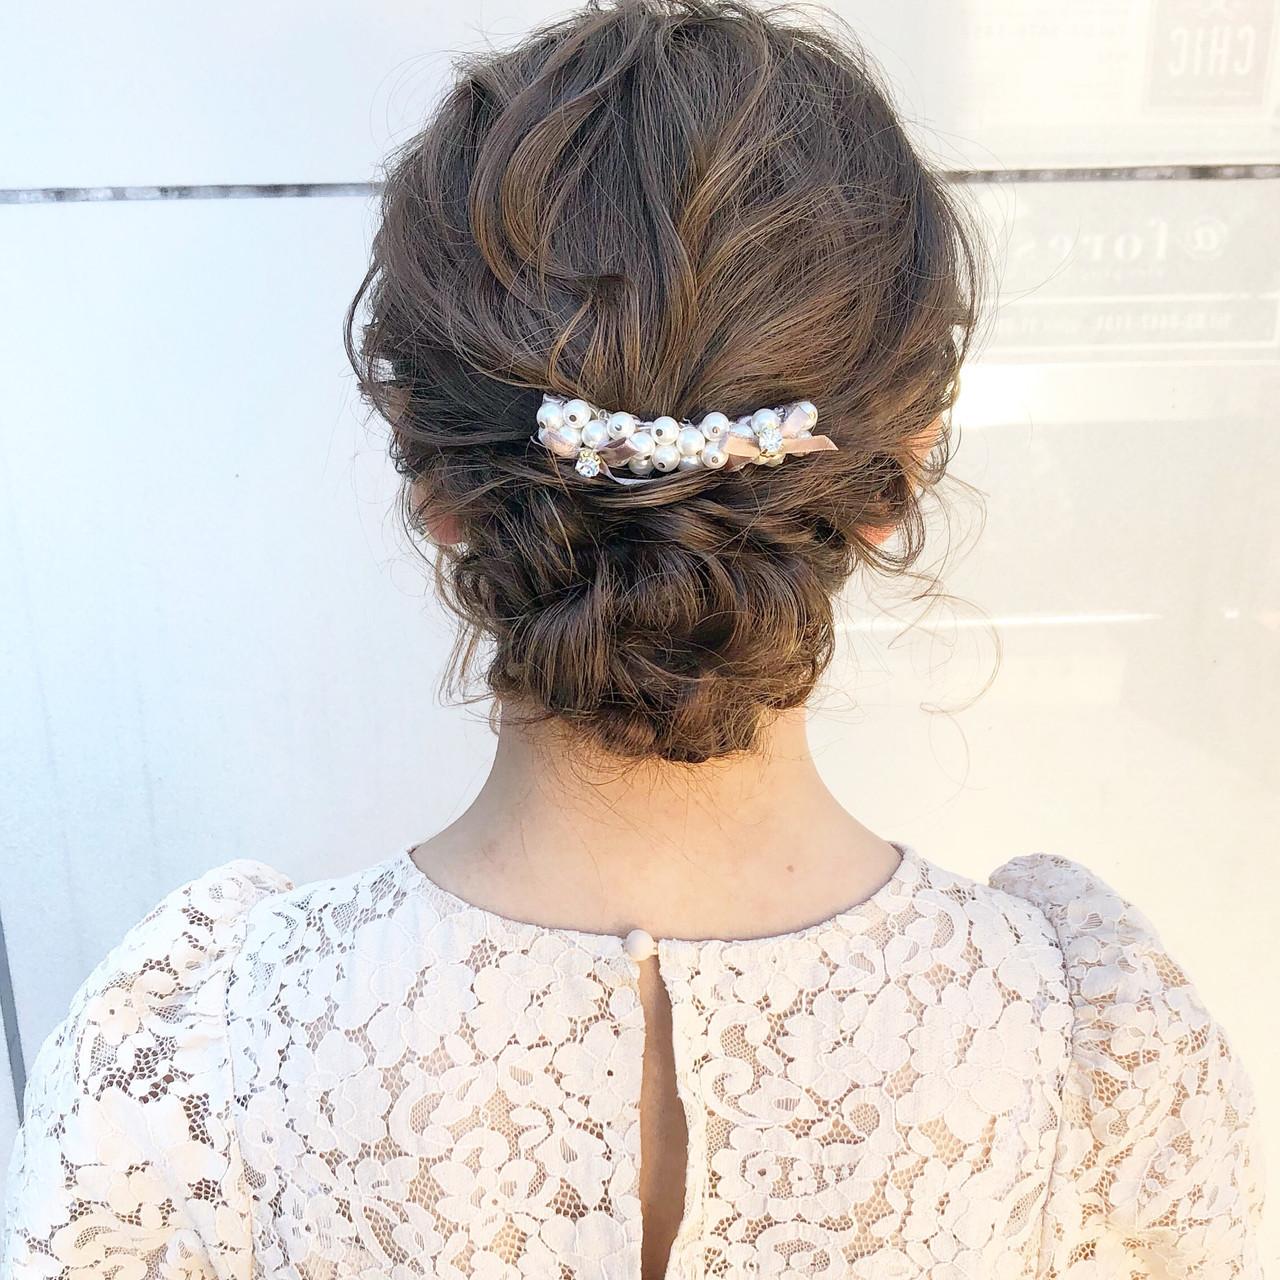 シニヨン セミロング ヘアアレンジ 結婚式ヘアアレンジ ヘアスタイルや髪型の写真・画像